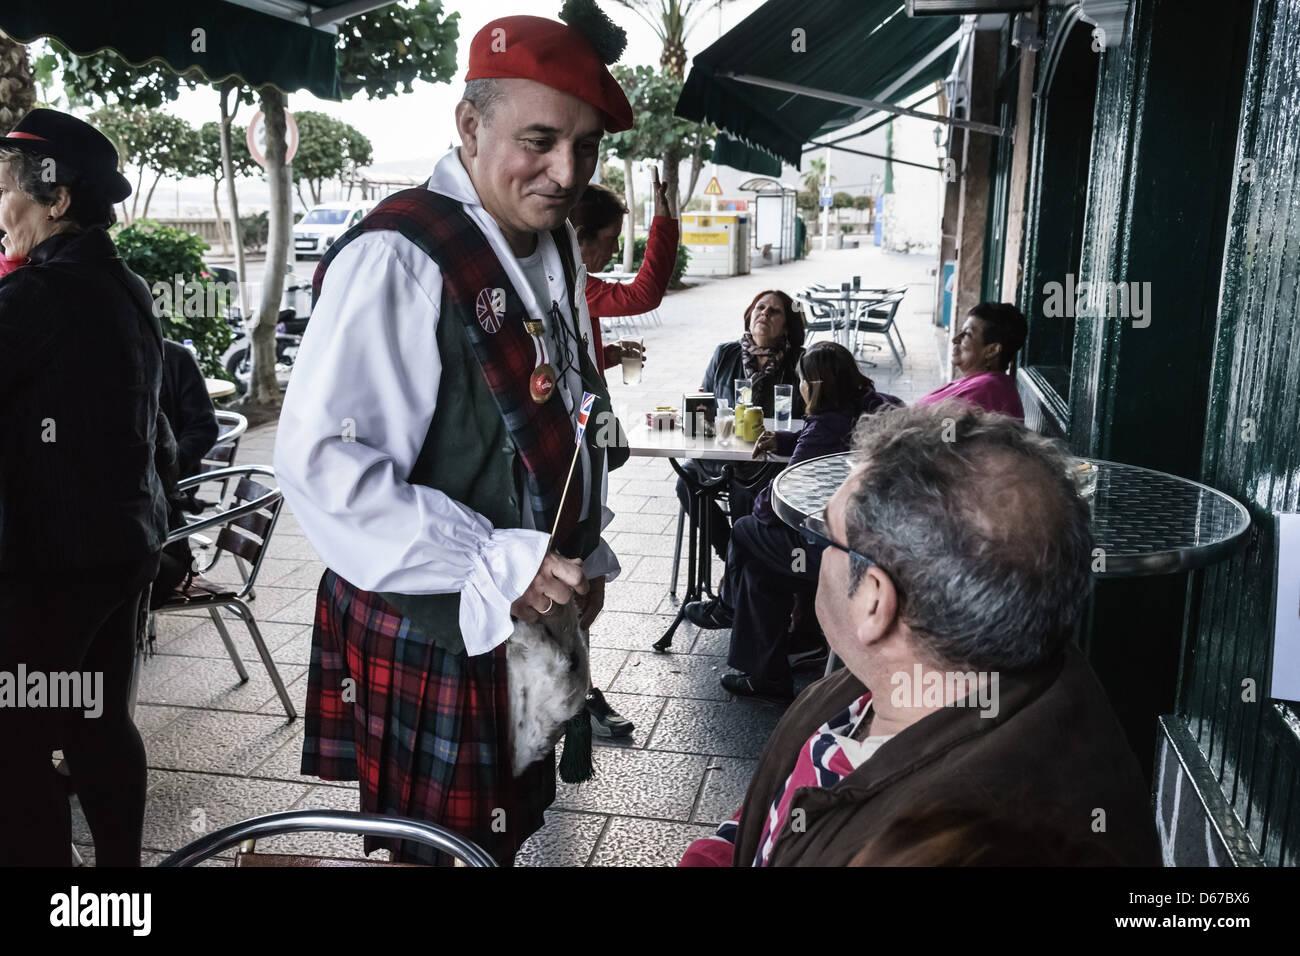 La Palma, Kanarische Inseln - lokale Scot trägt ein Kilt in einem Santa Cruz-Café vor dem Karneval Stockbild